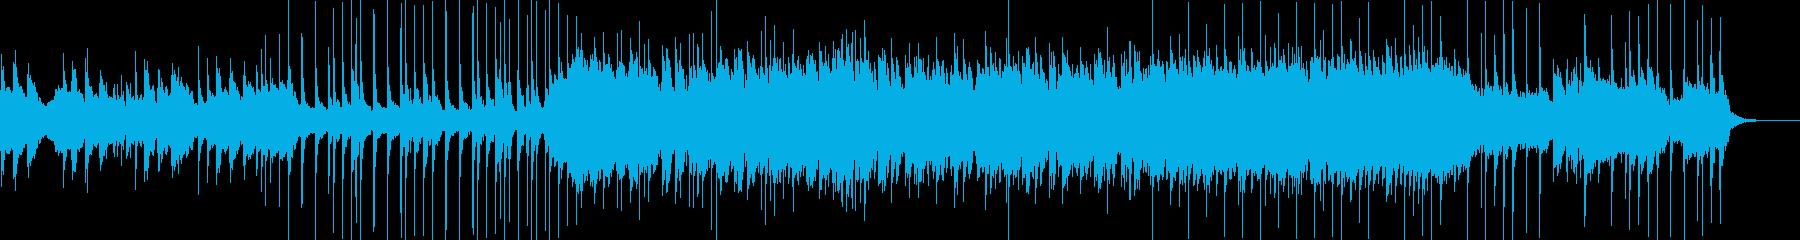 琴と三味線の雅で妖艶な和風EDMの再生済みの波形